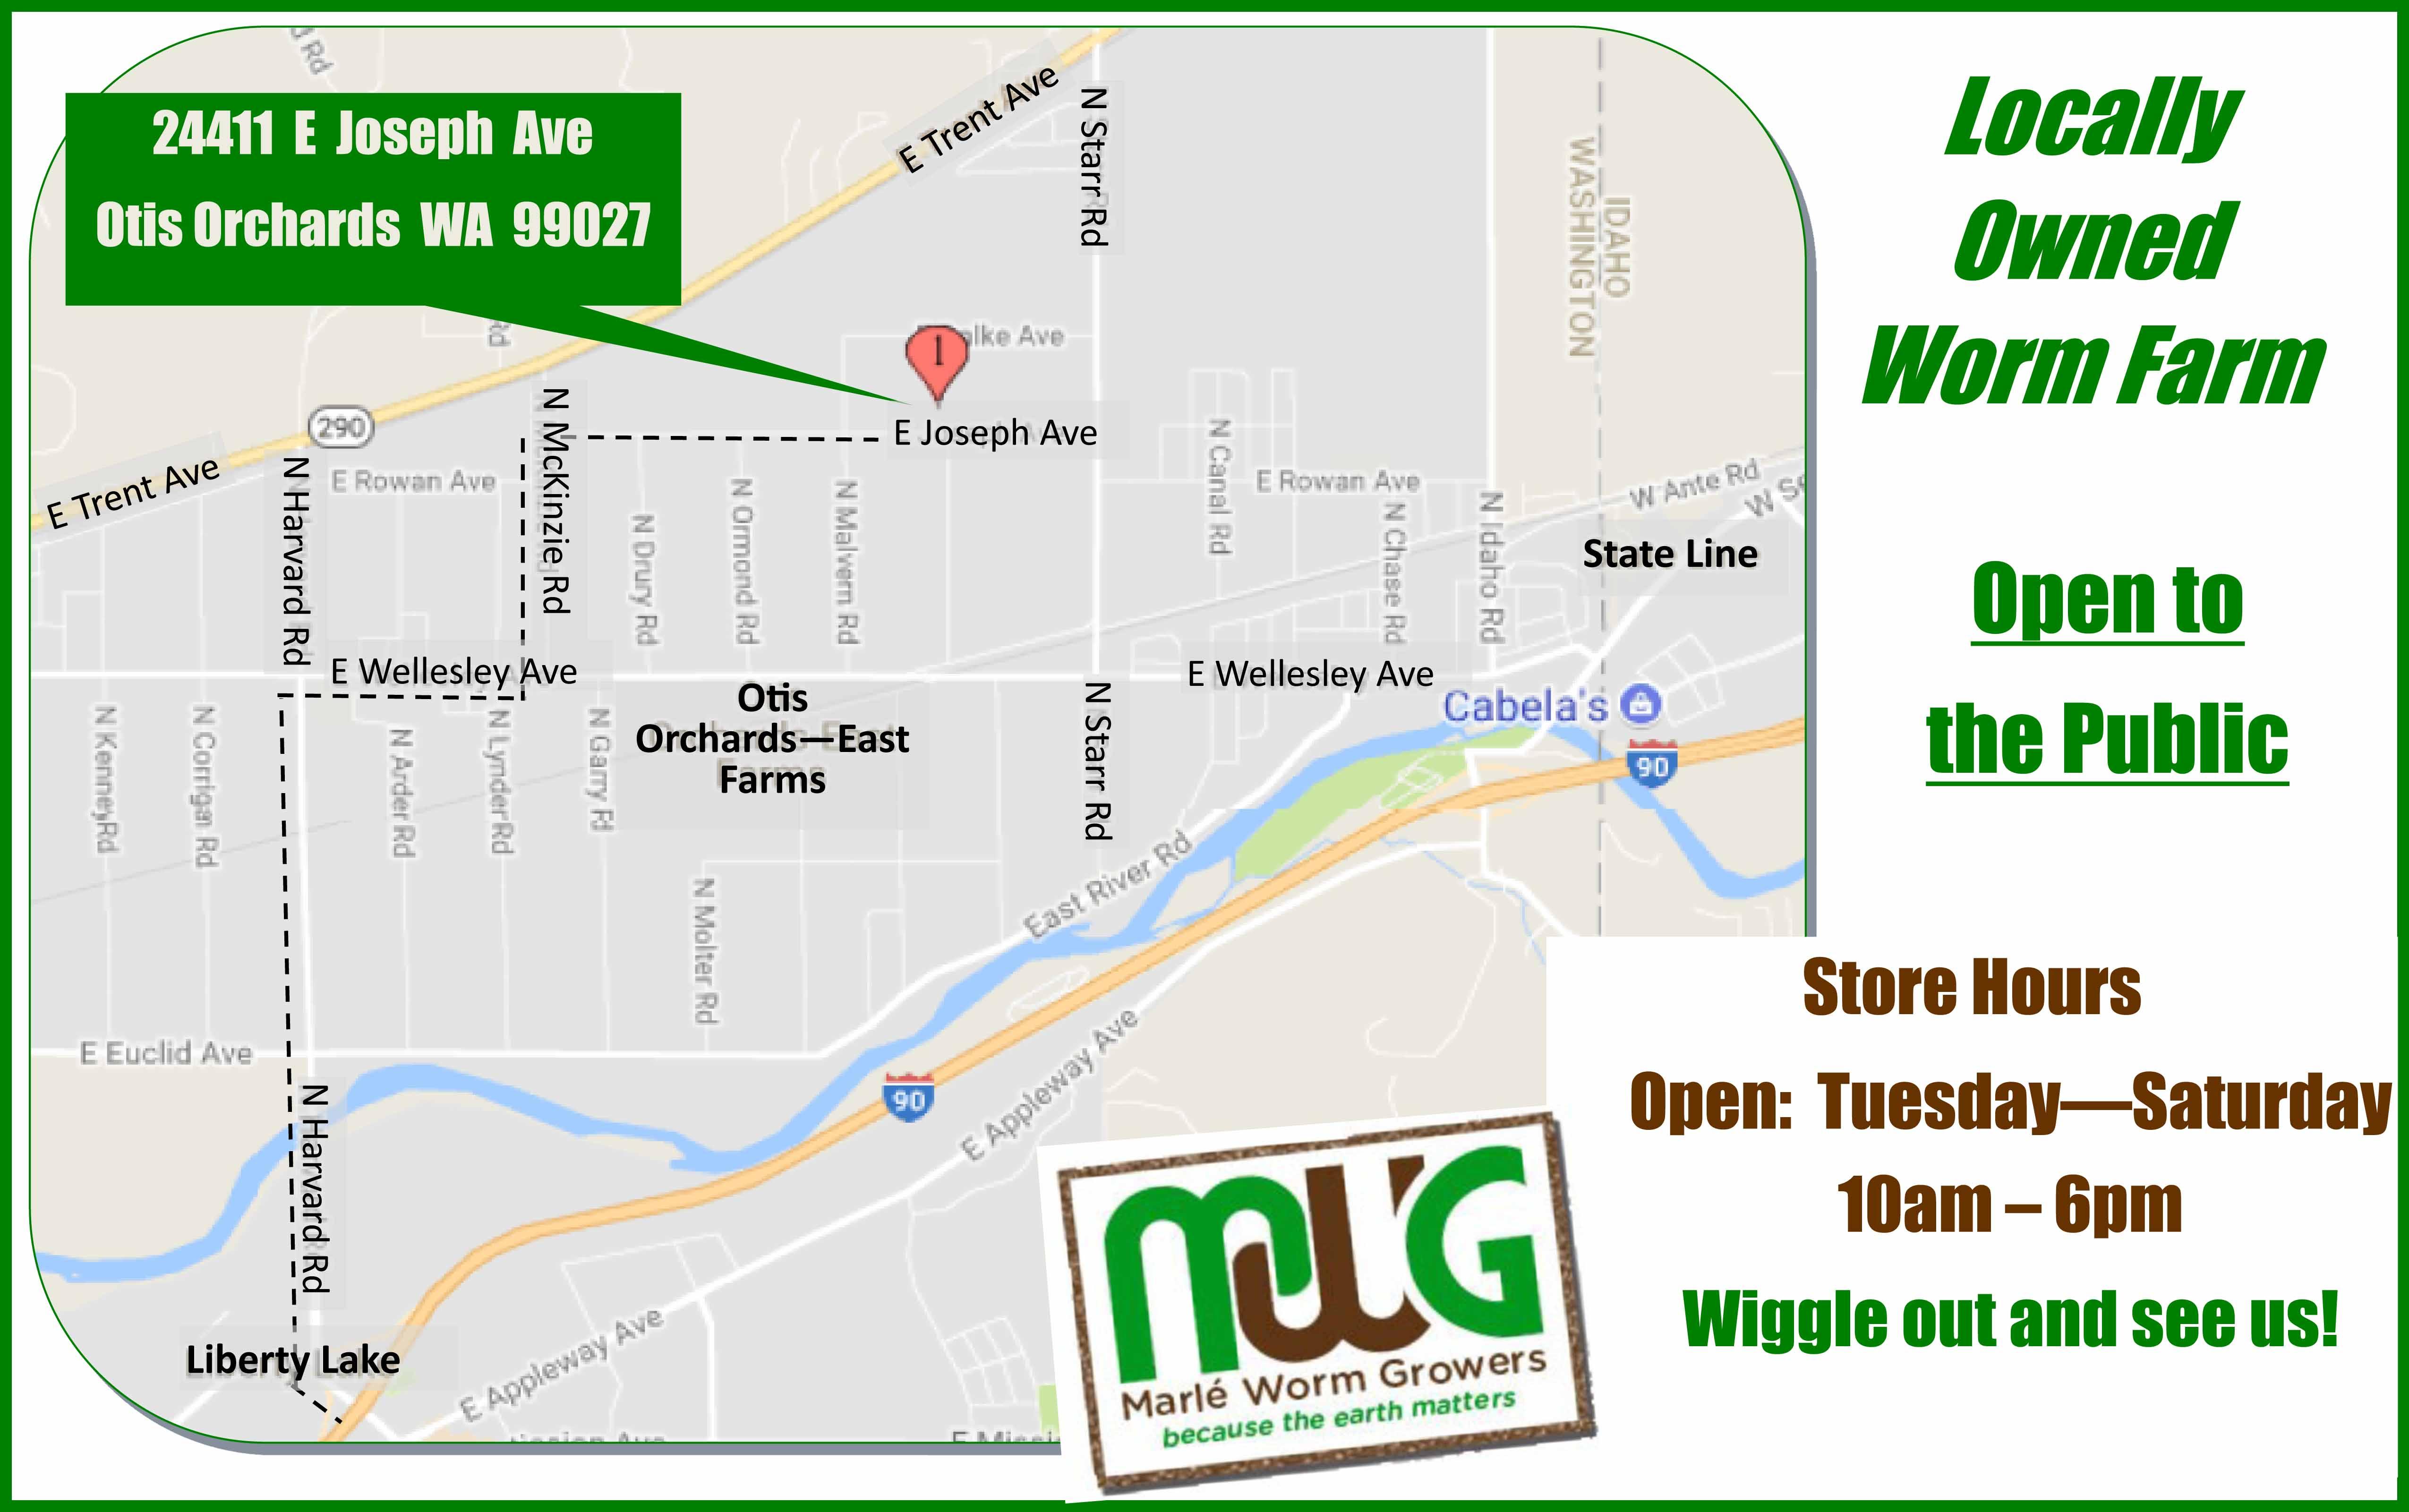 mwg-location-map-new-hours-june-chg-s.jpg